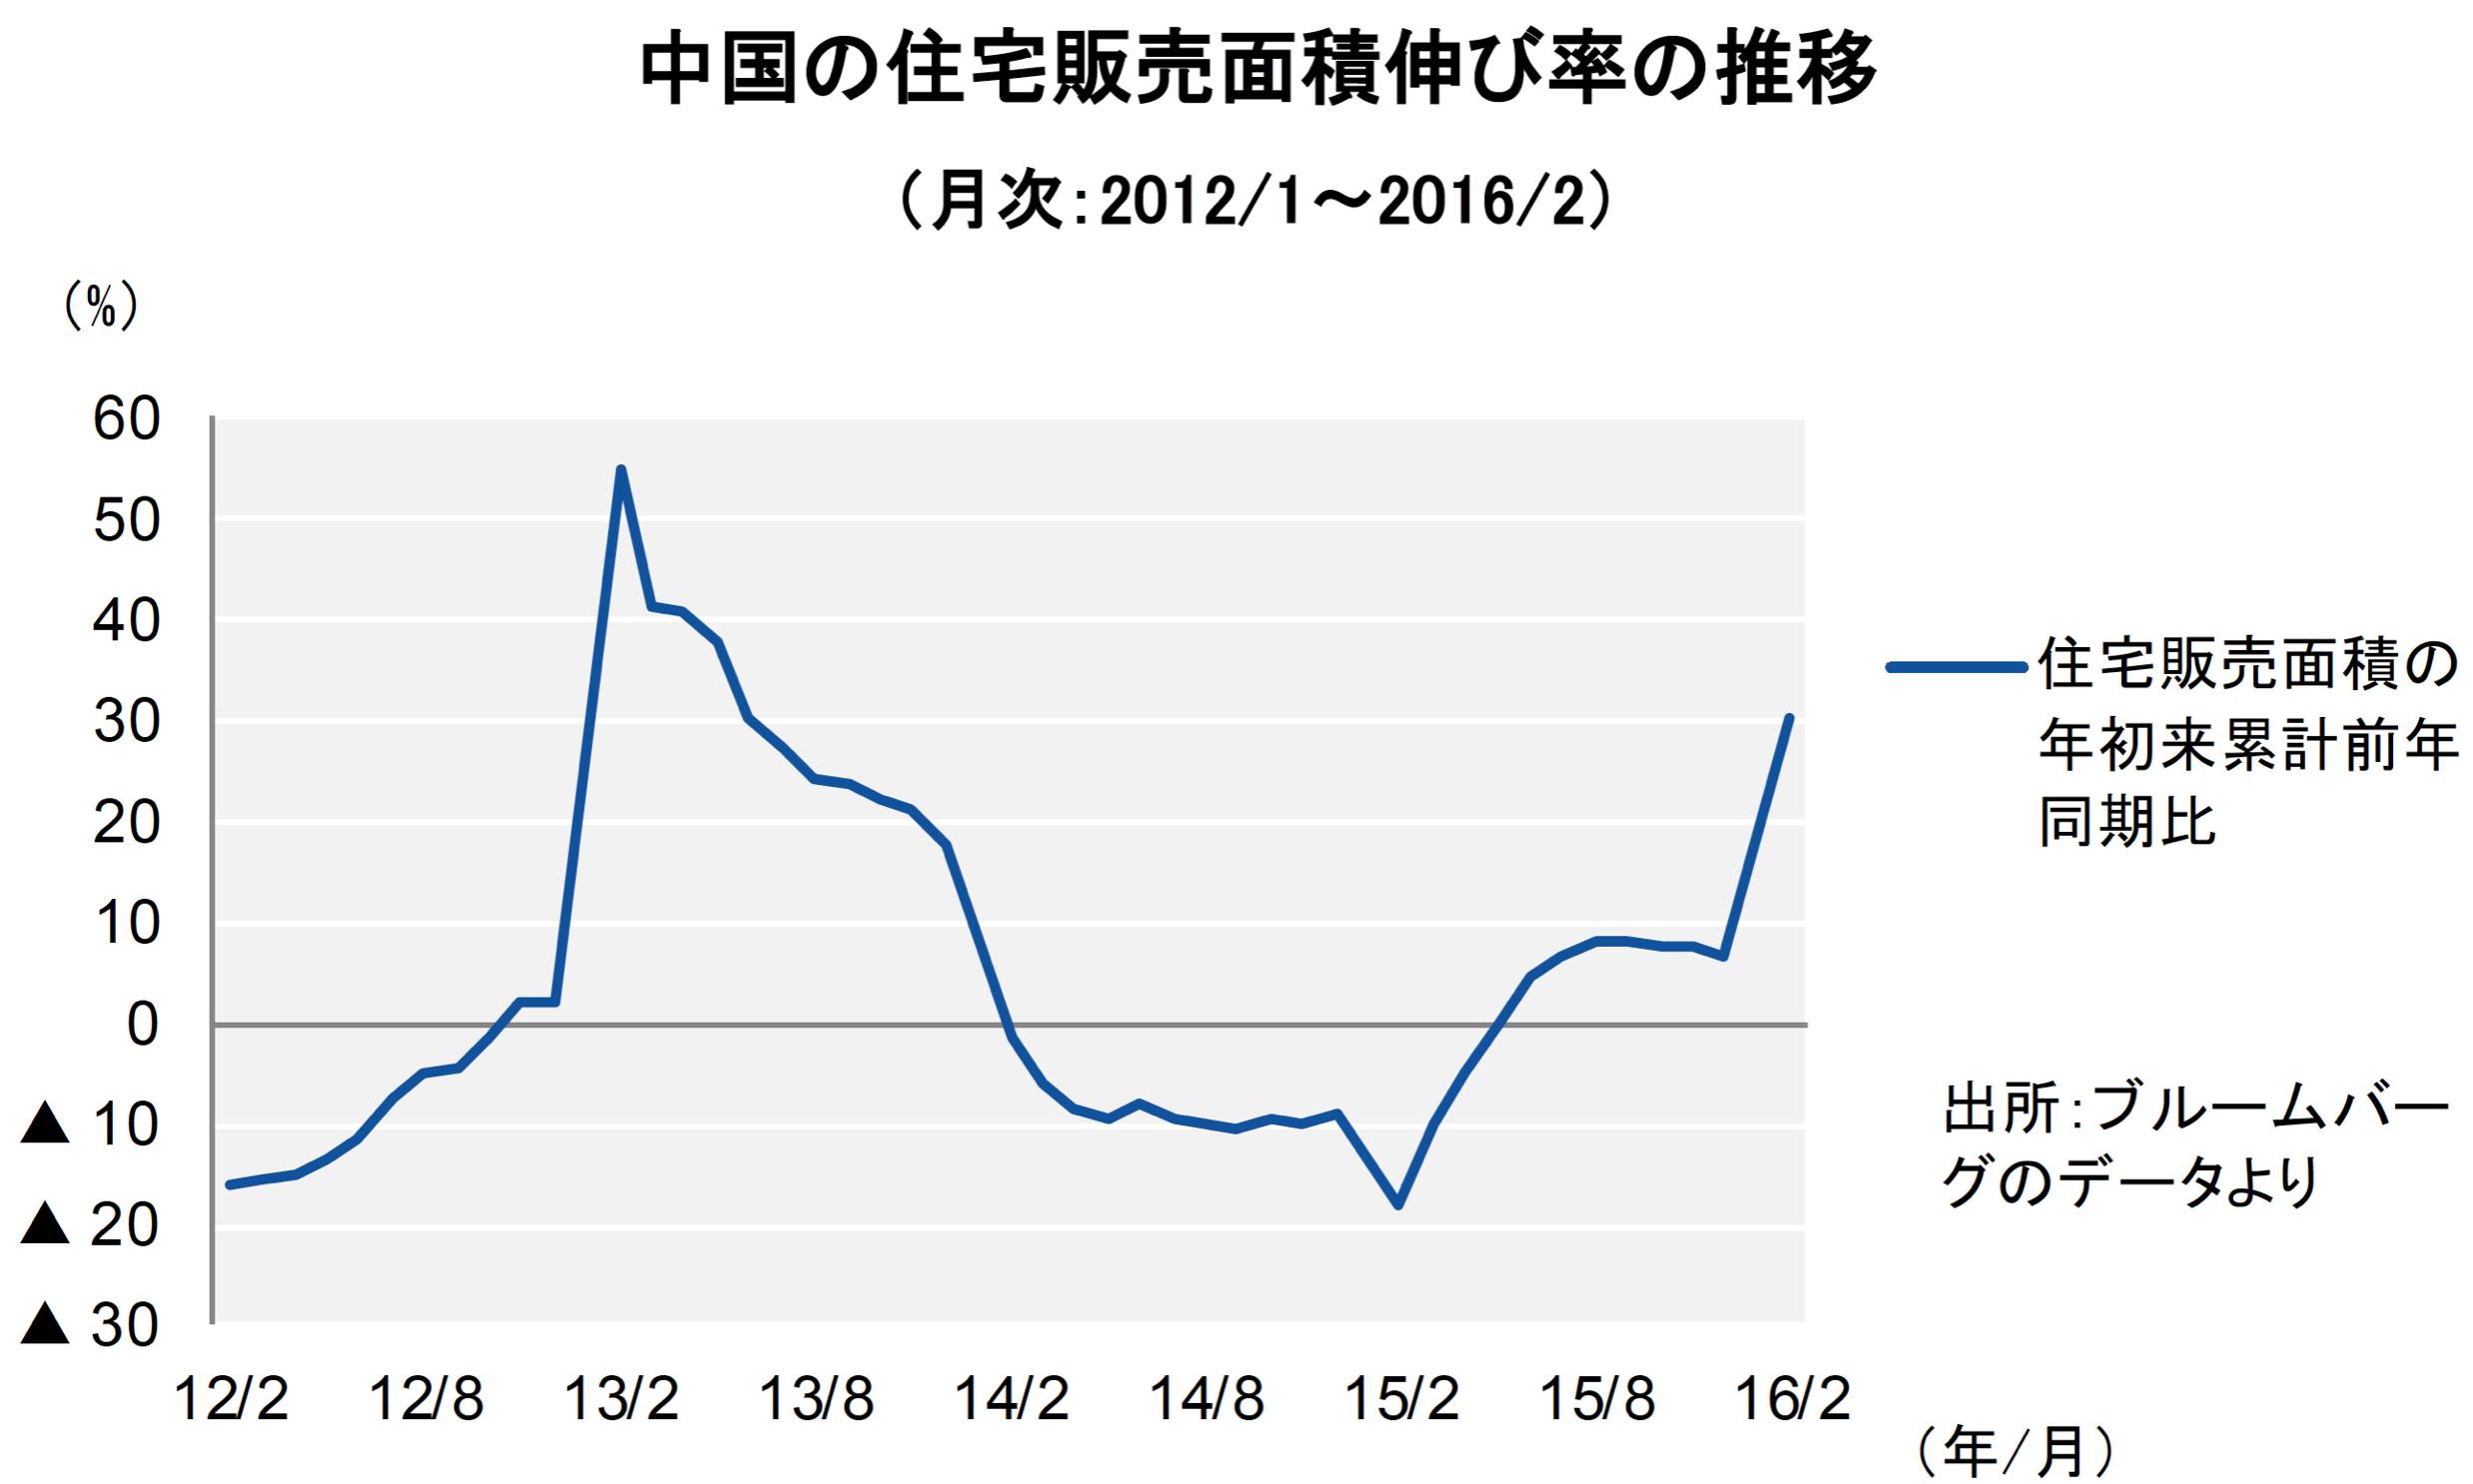 【図2】中国不動産、2016年も政府の支援策が続く見通し